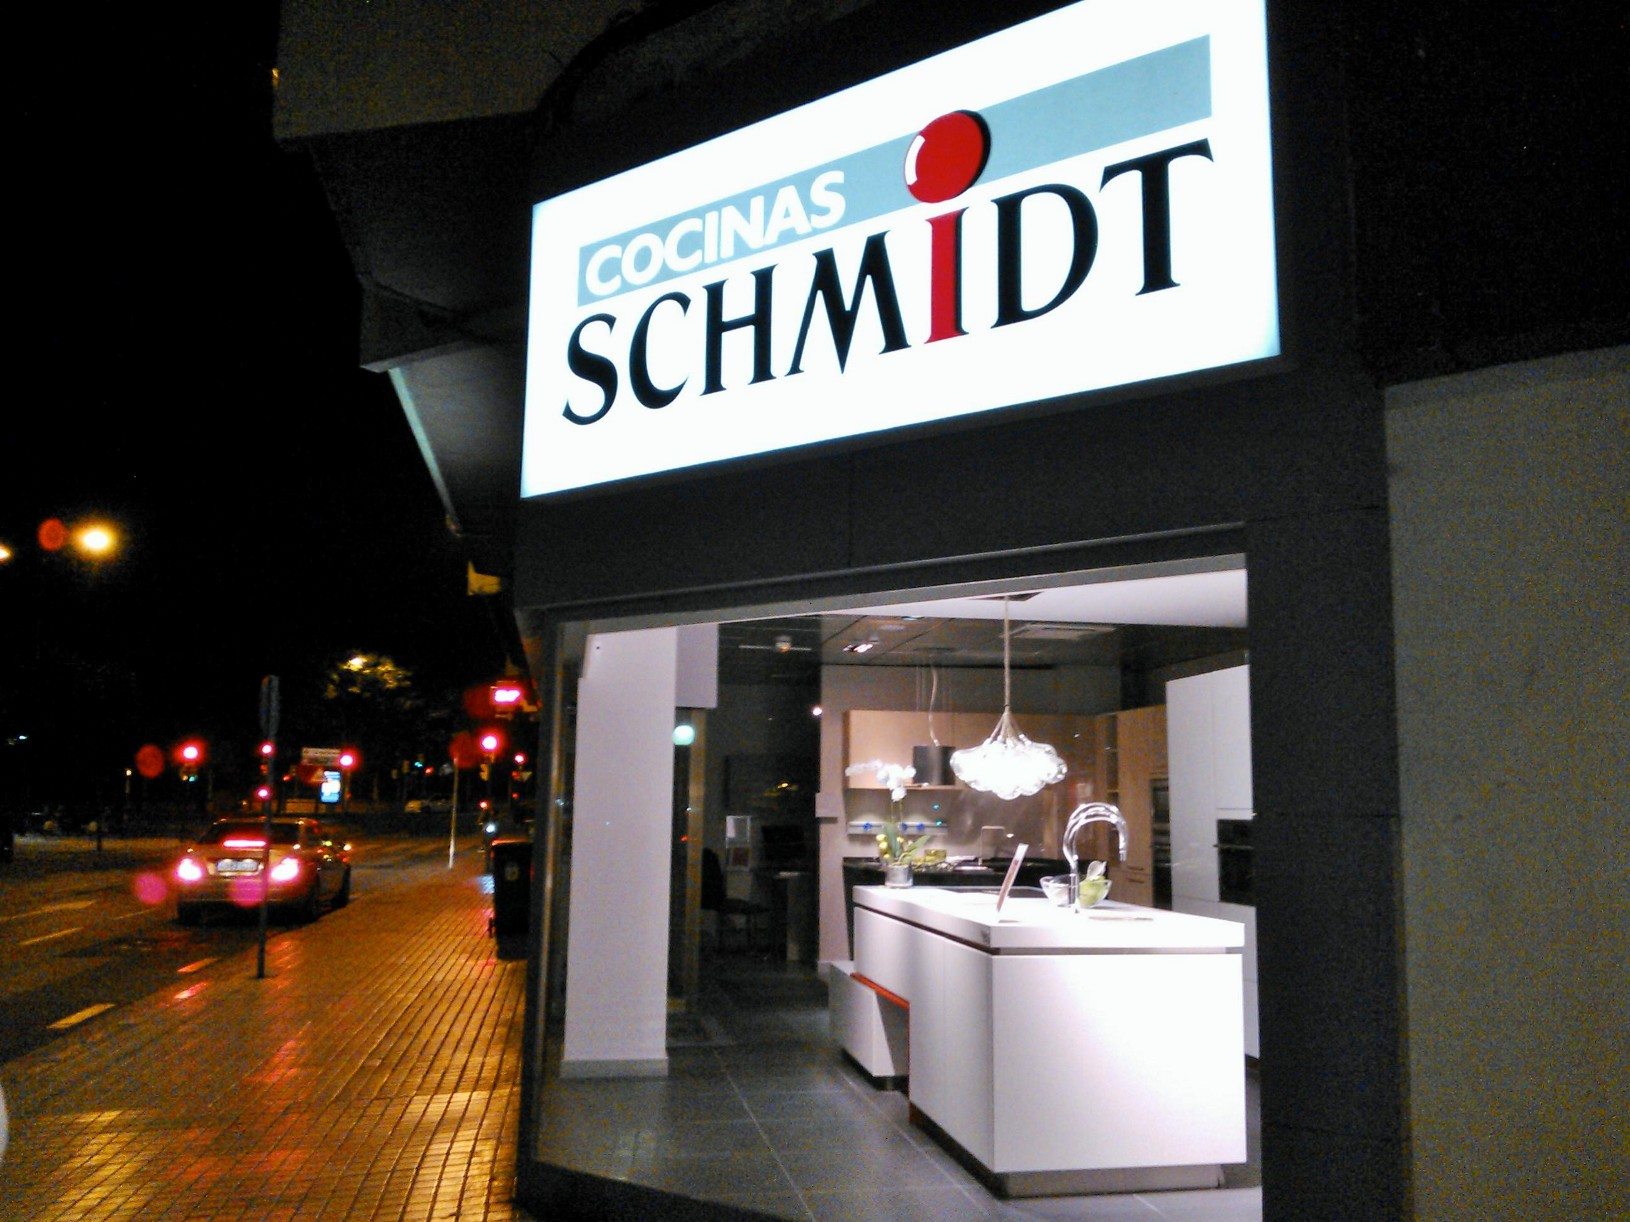 24 genial cocinas smith im genes tiendas de muebles de - Cocinas schmidt malaga ...